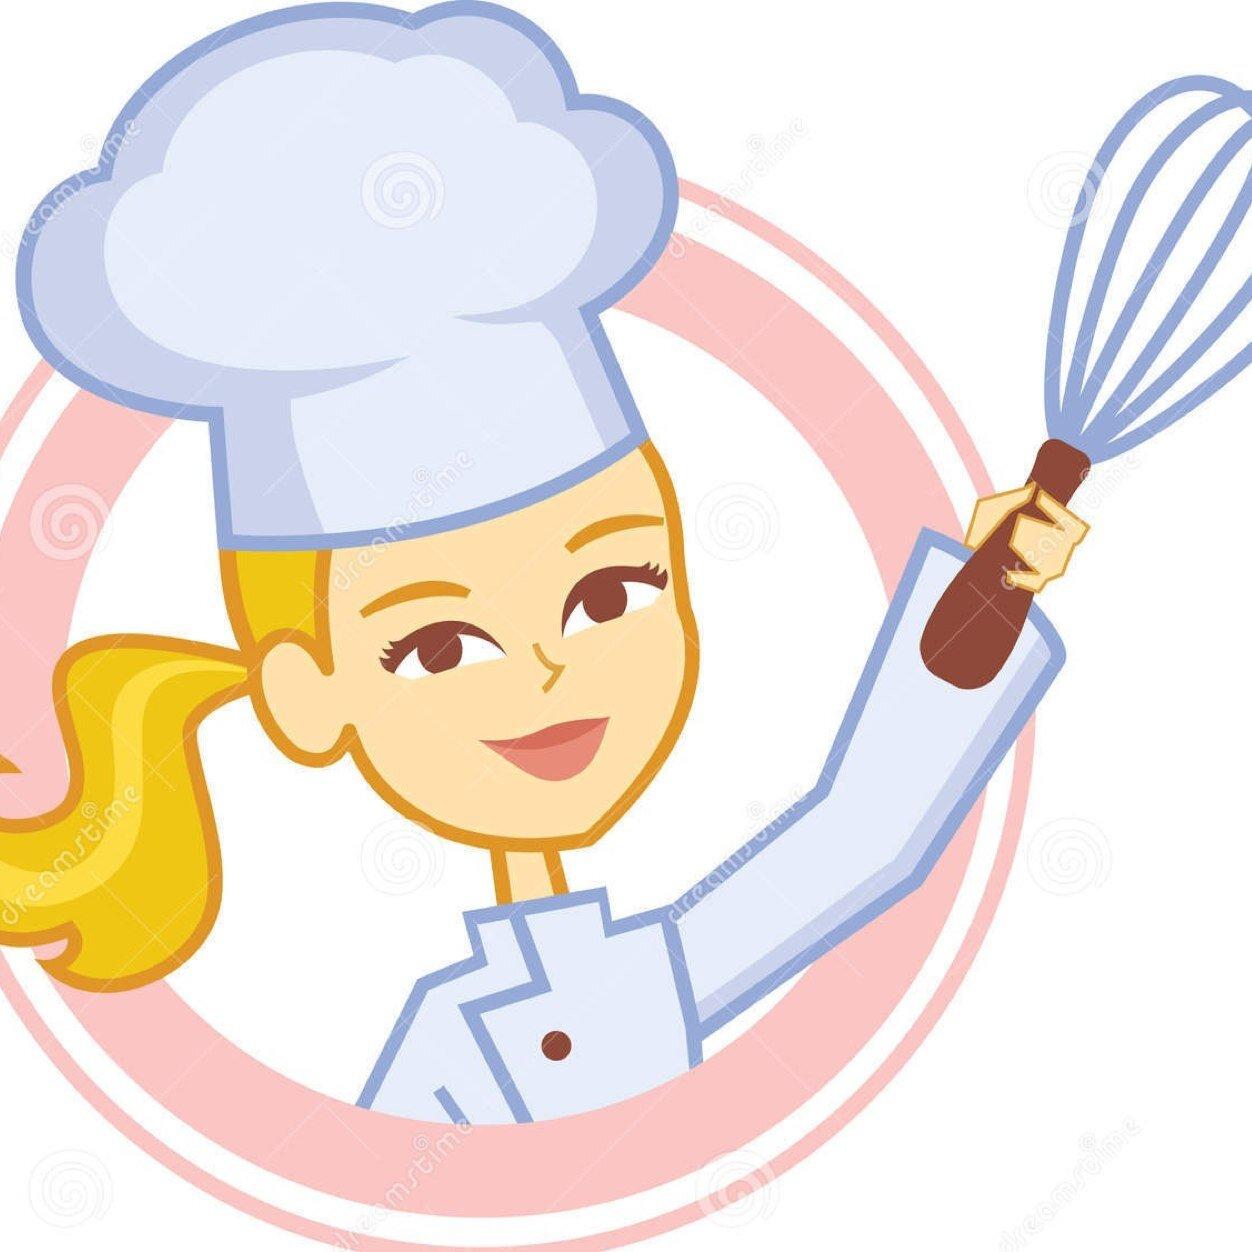 Cosas d cocina cosasdcocina twitter - Sofas de cocina ...